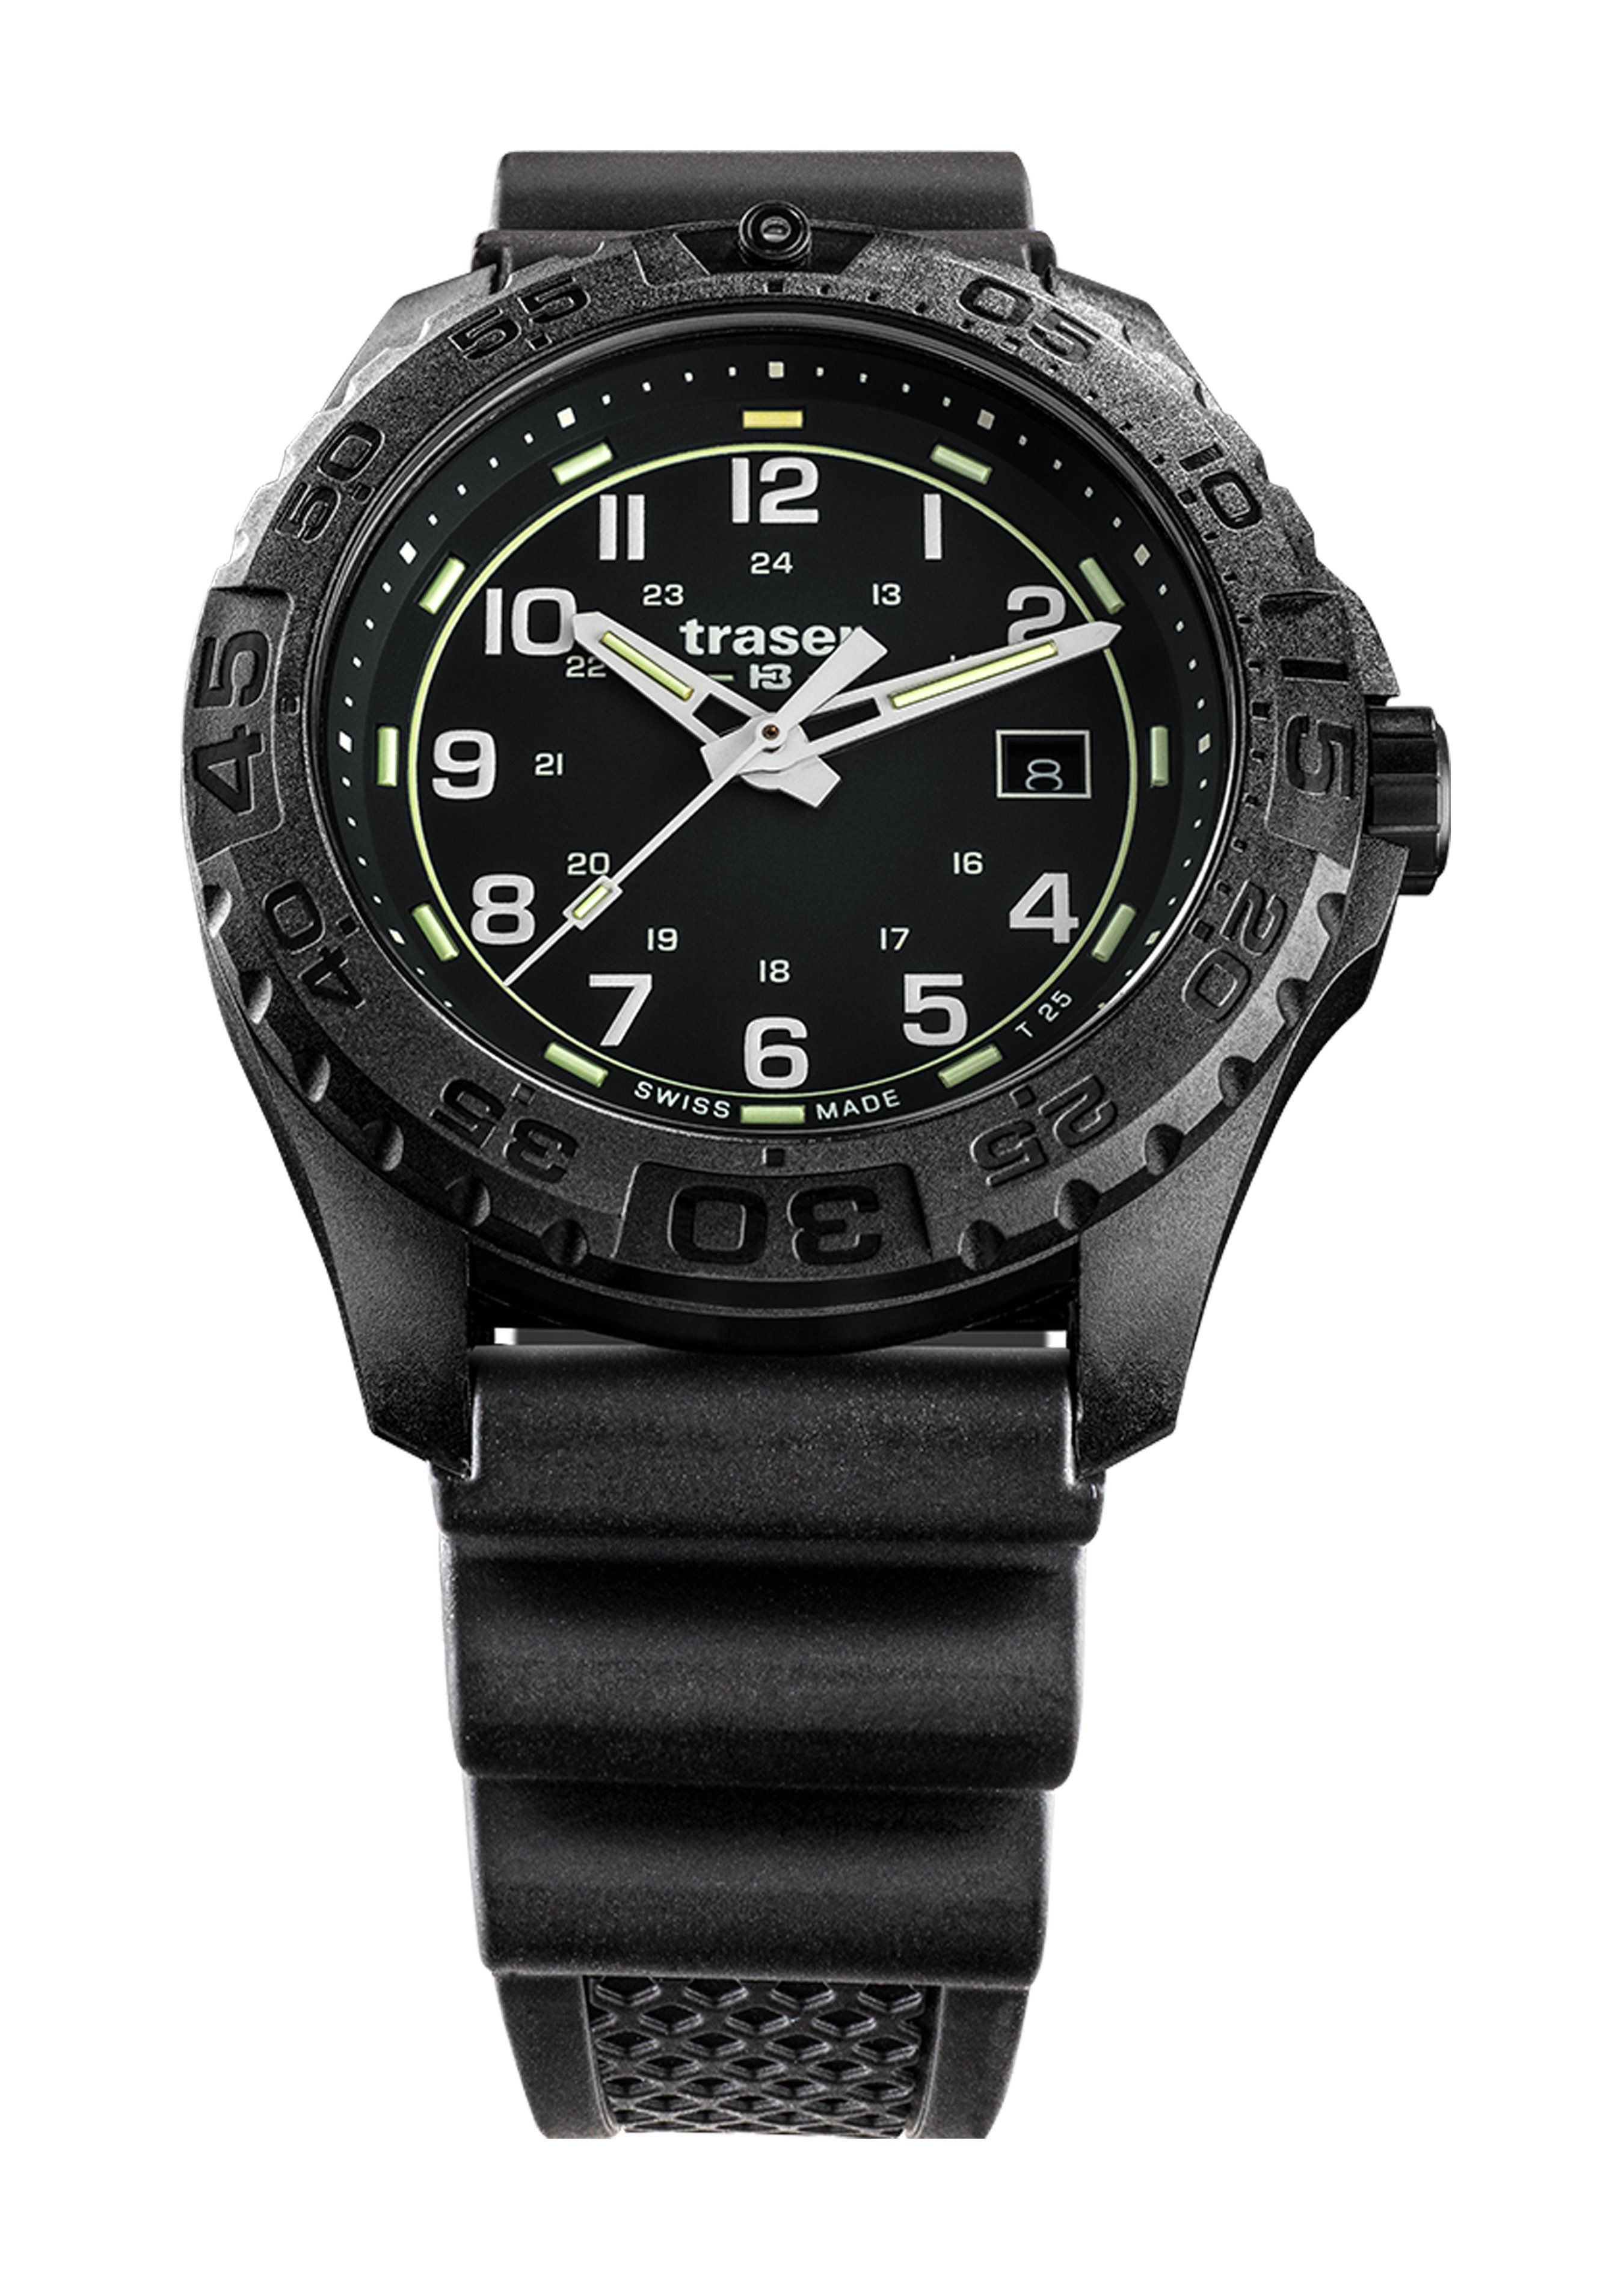 Traser Uhren Armbanduhr P96 Evolution, Kautschuk 245103 1